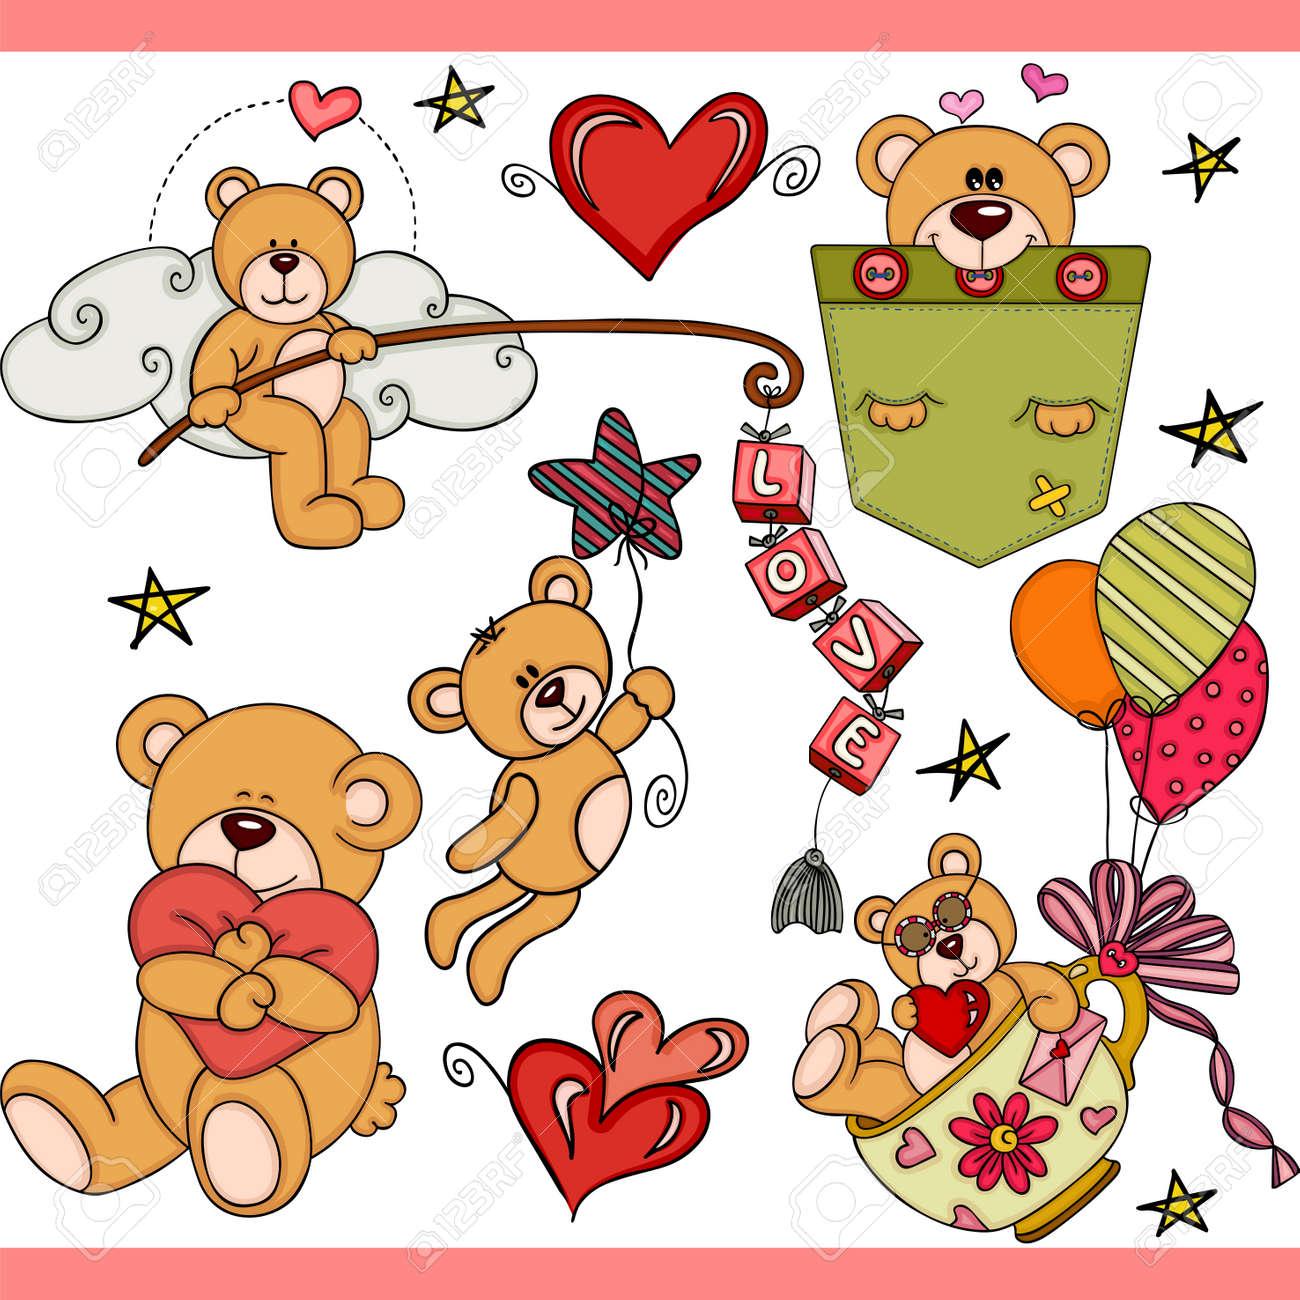 Teddy bear party set digital elements - 109739417